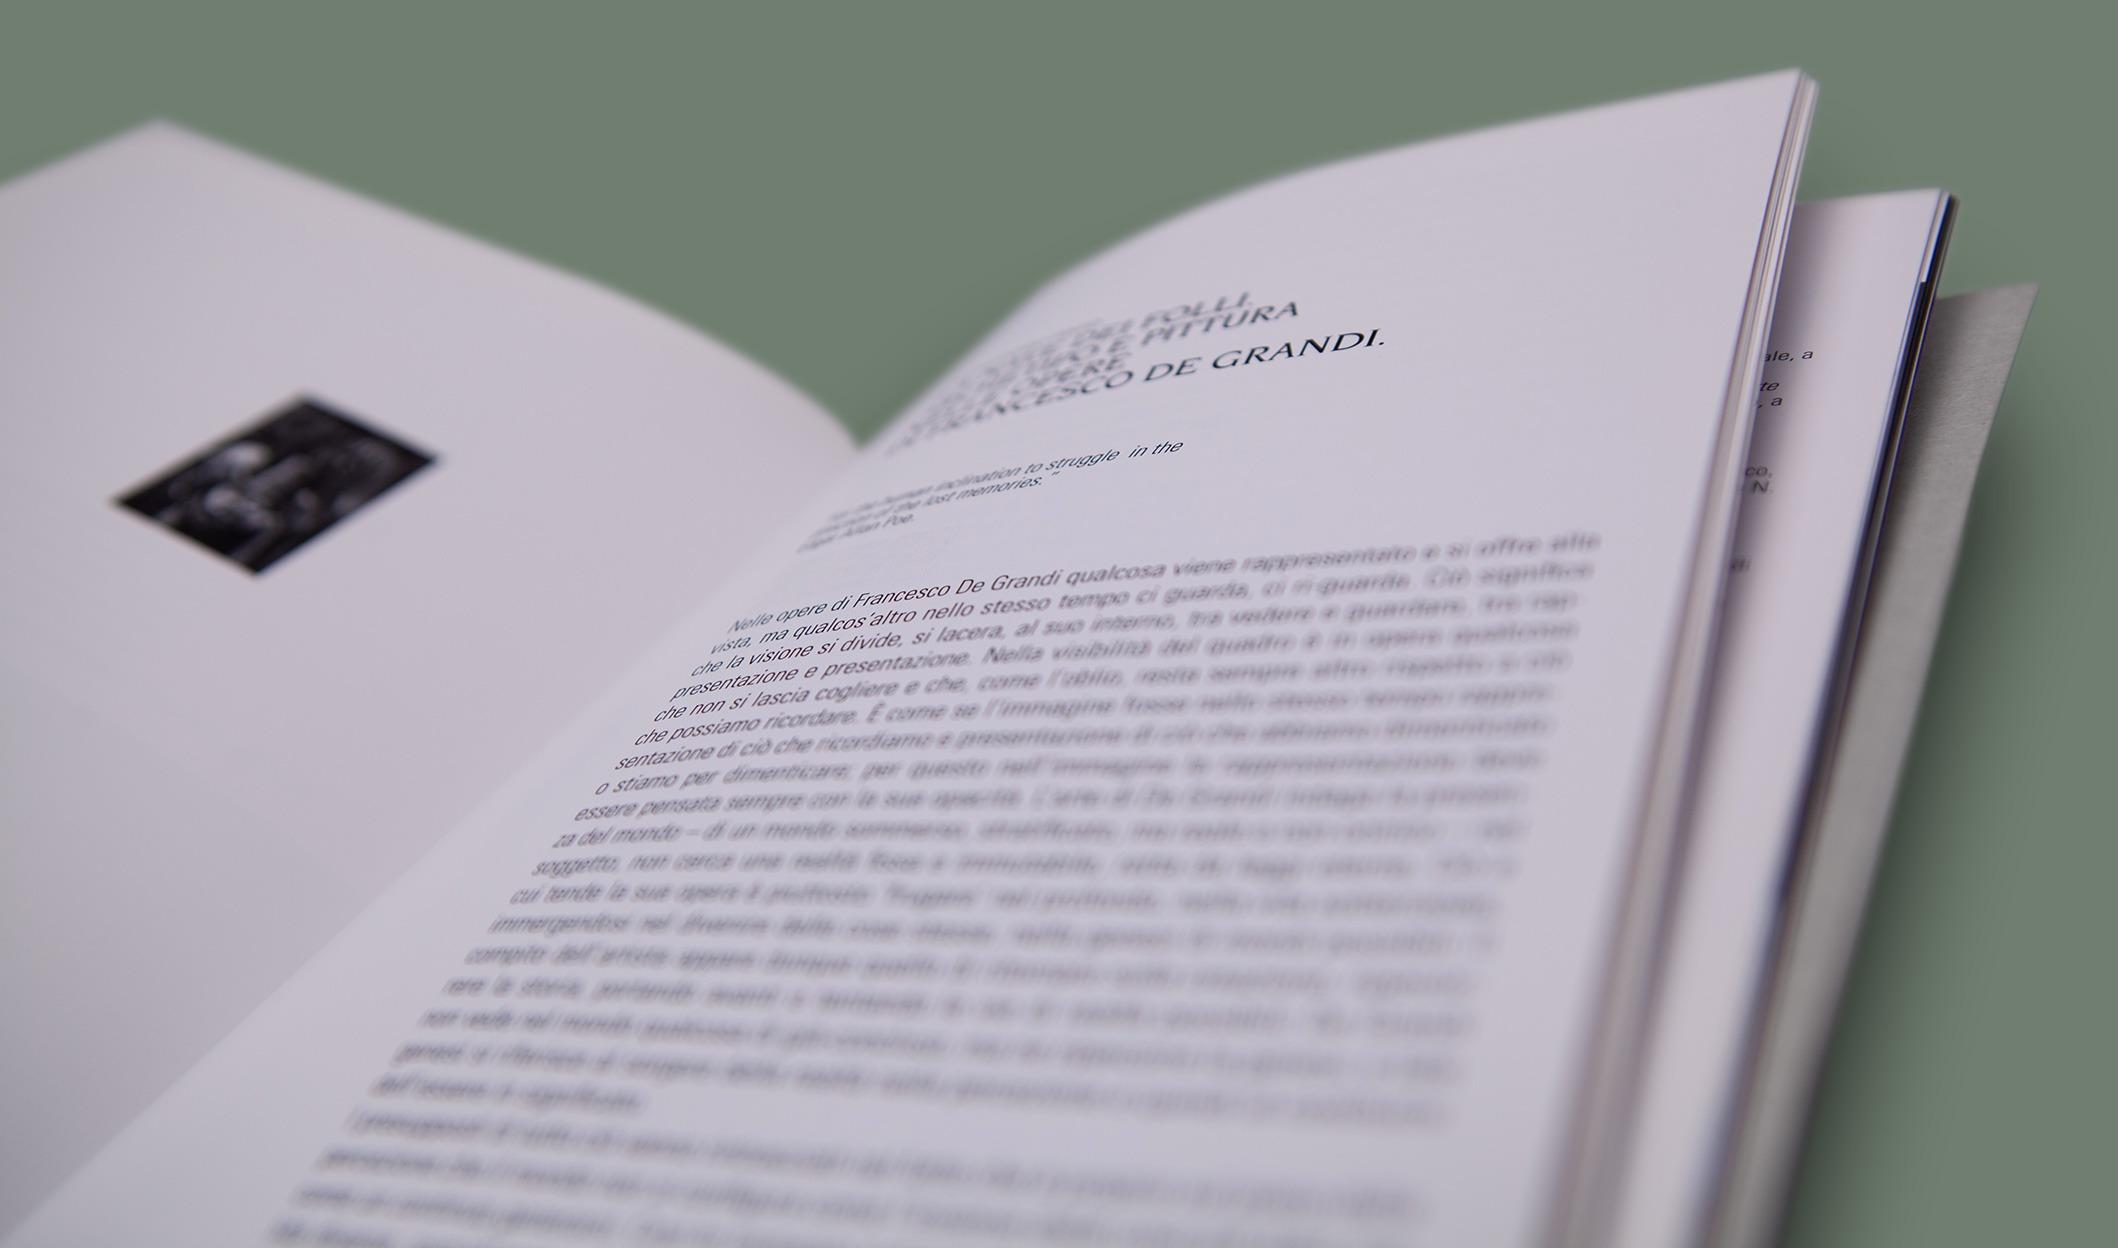 Catalogo Il Passaggio Difficile - Dettaglio testo